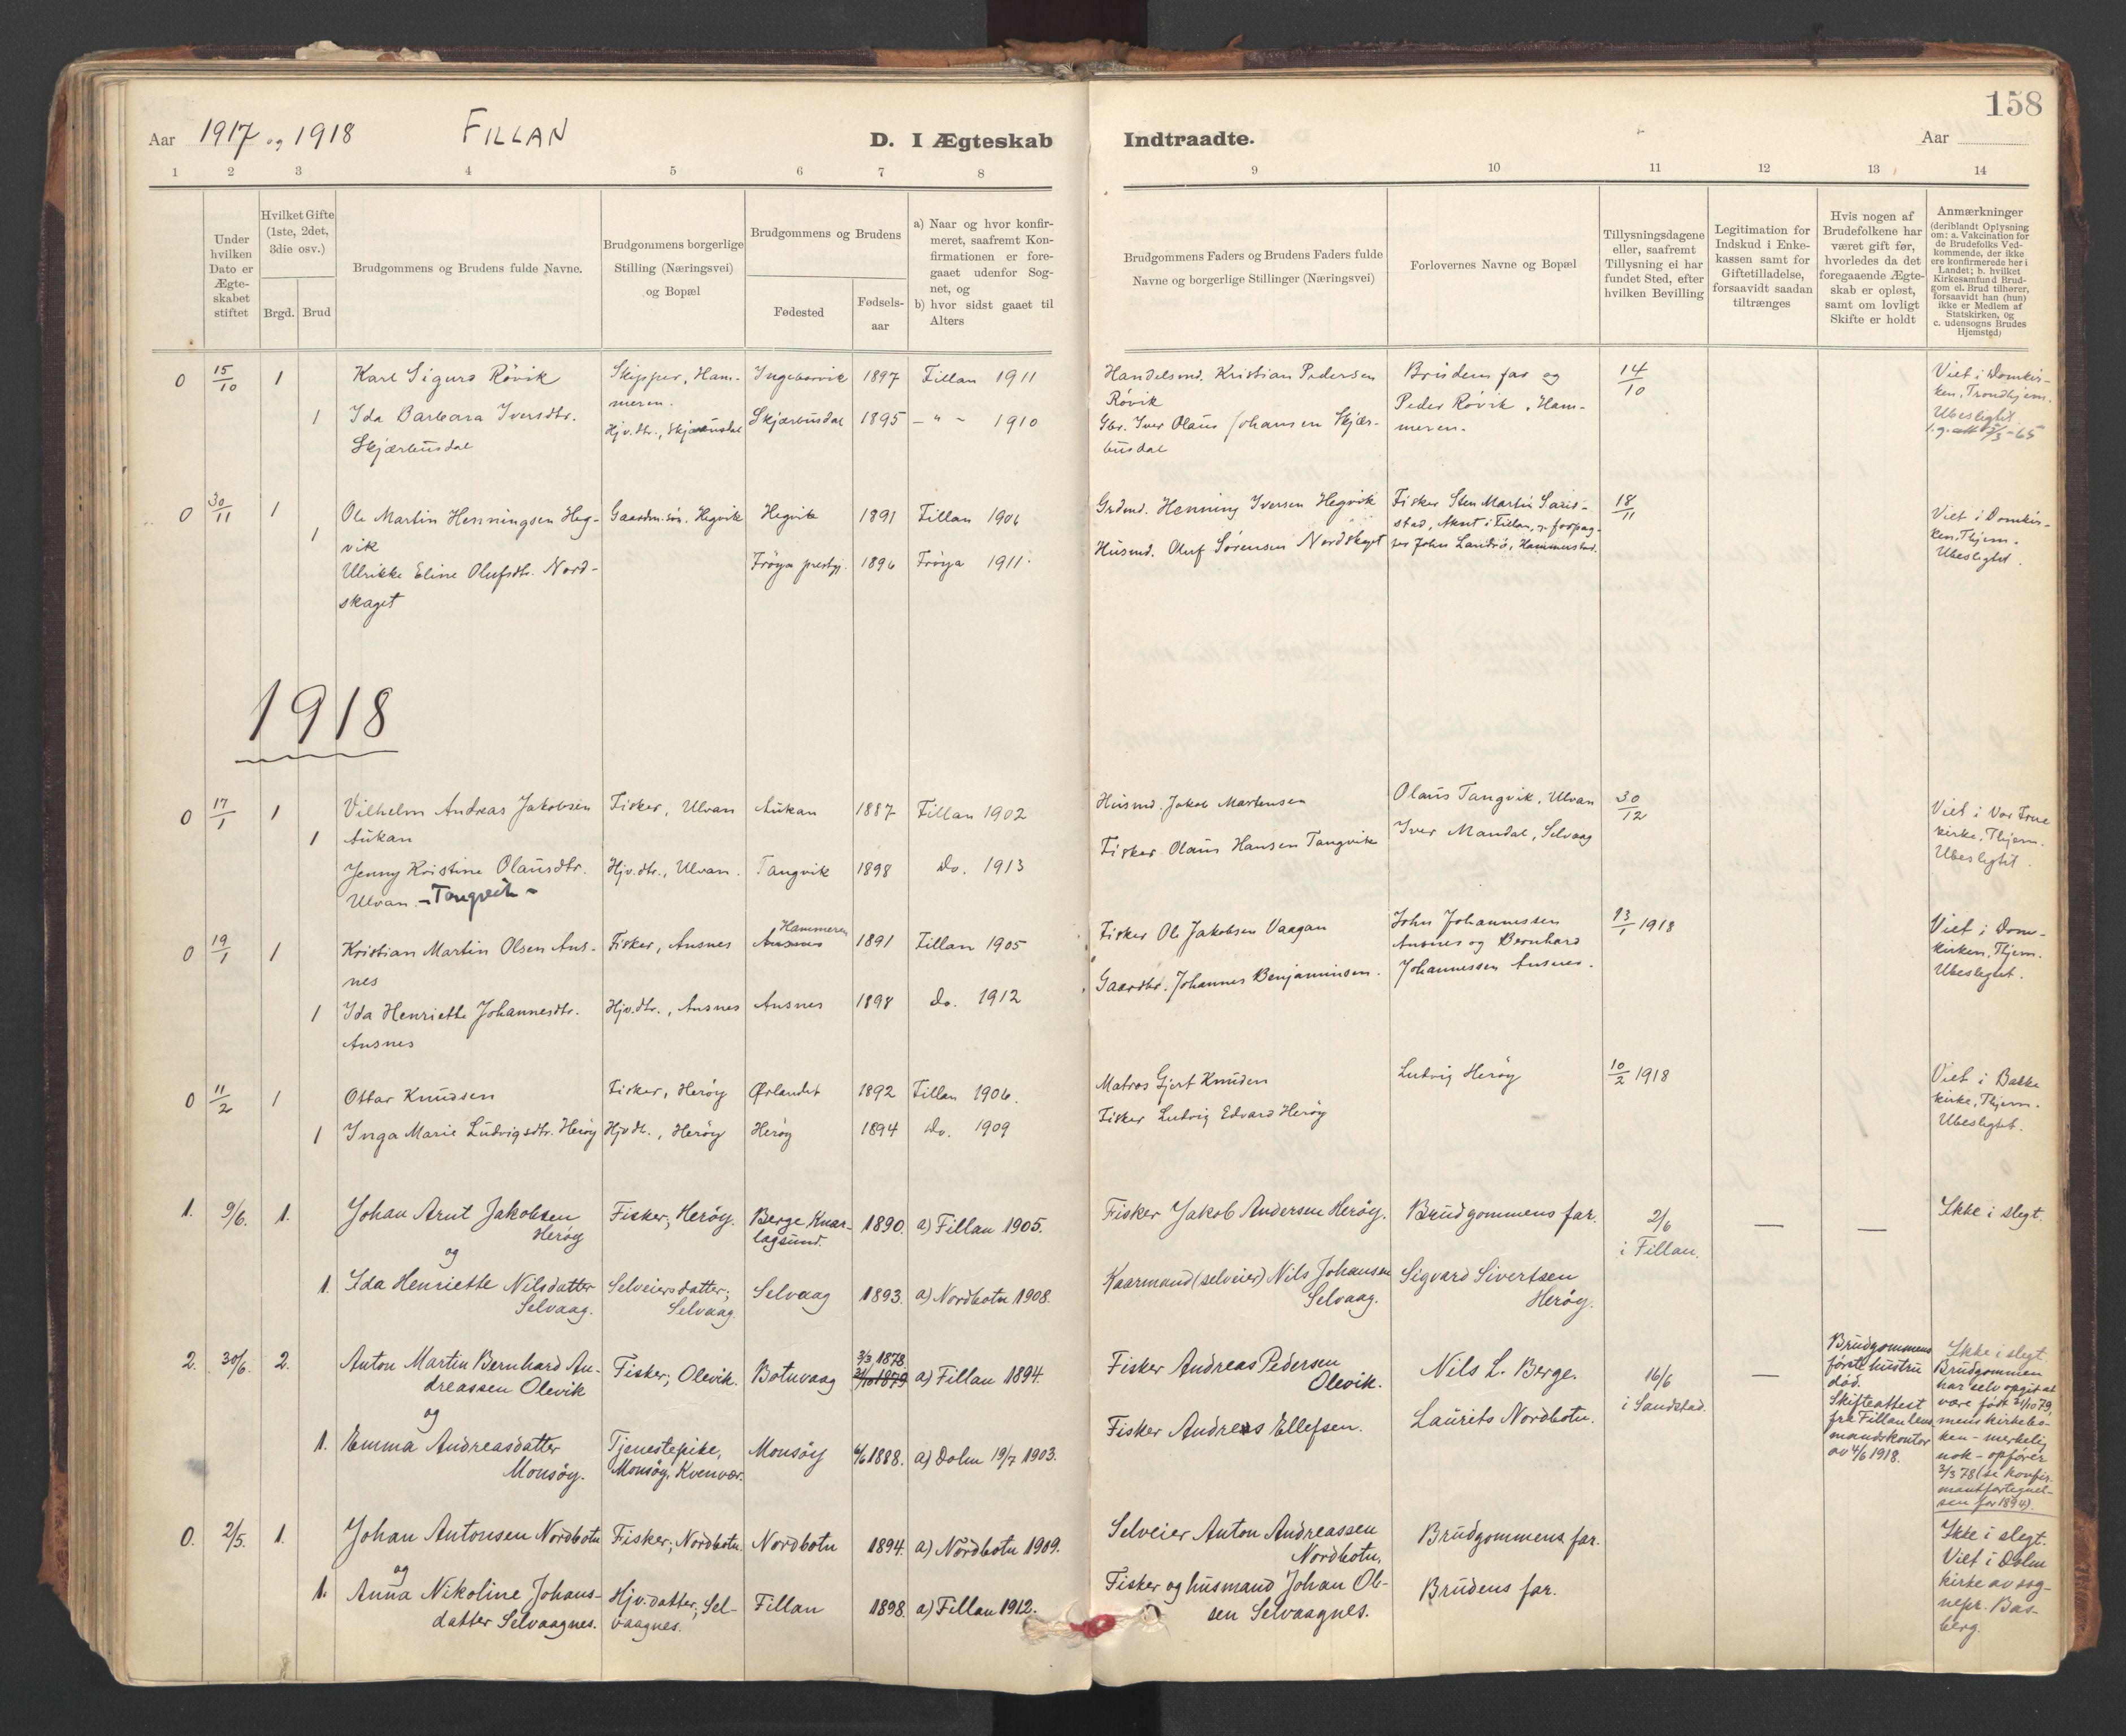 SAT, Ministerialprotokoller, klokkerbøker og fødselsregistre - Sør-Trøndelag, 637/L0559: Ministerialbok nr. 637A02, 1899-1923, s. 158